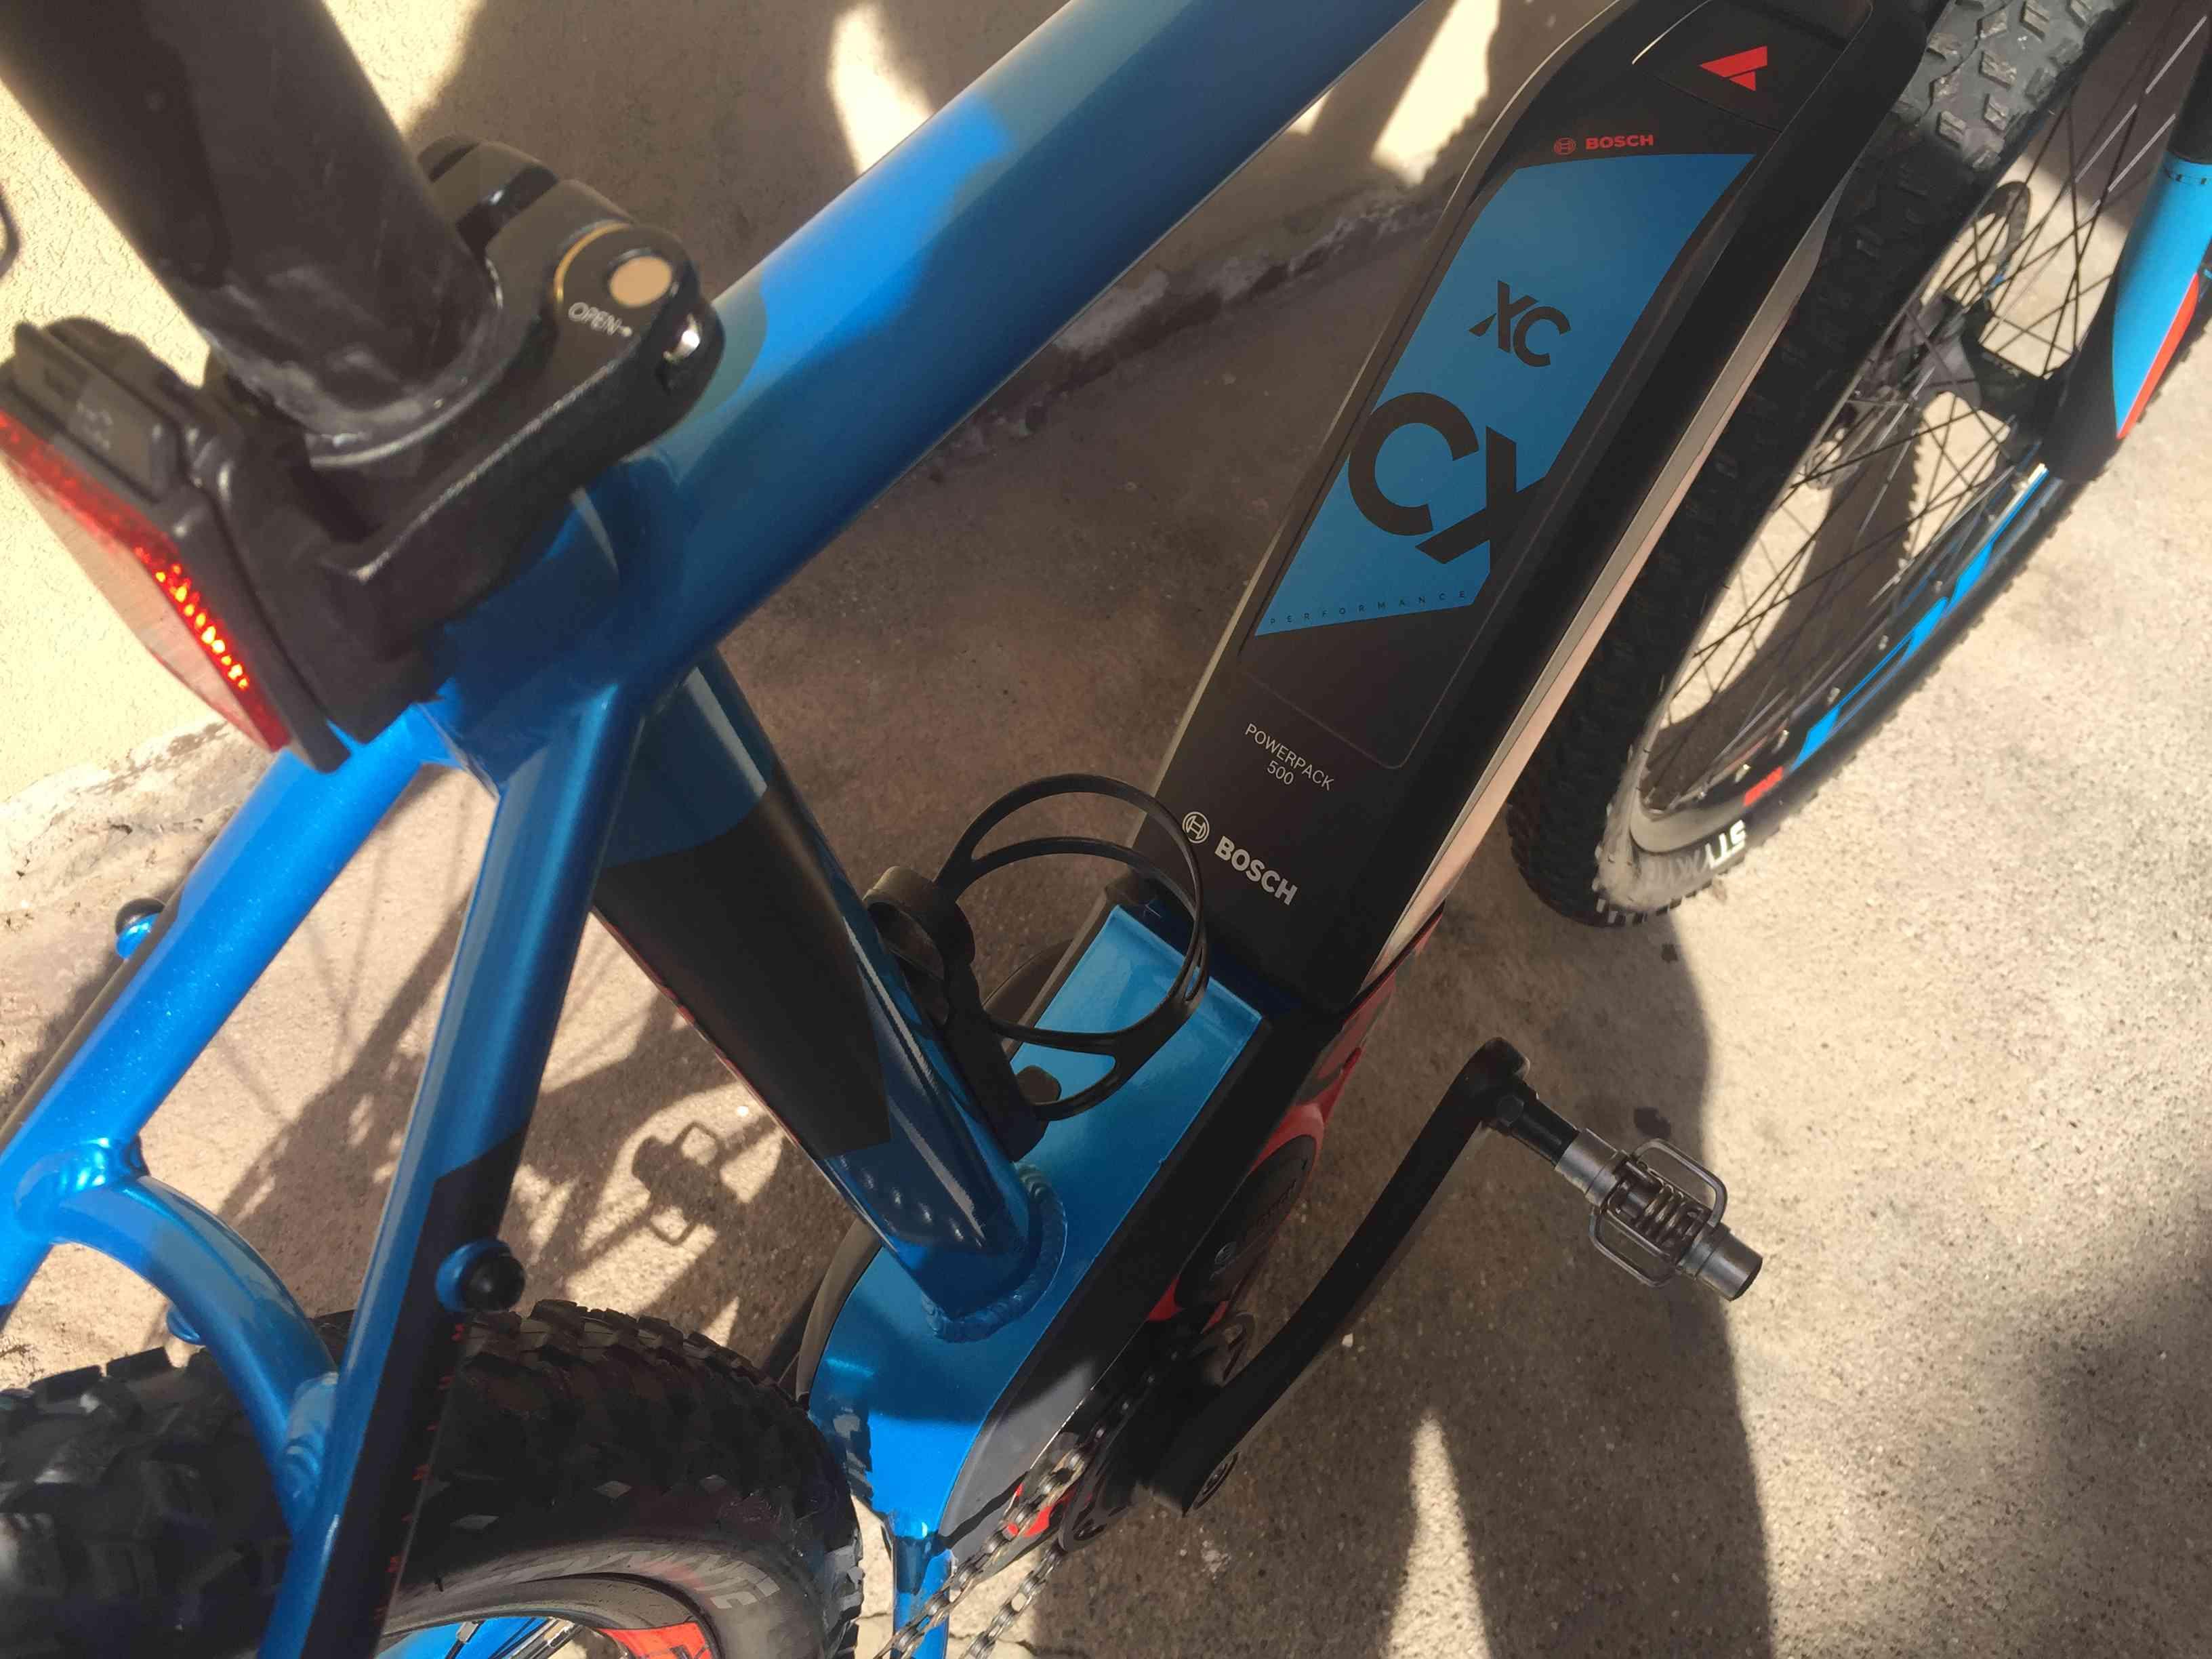 Mountain Bike marca Bull Elettrica modello SIX 50 ETCX da uomo, misura L